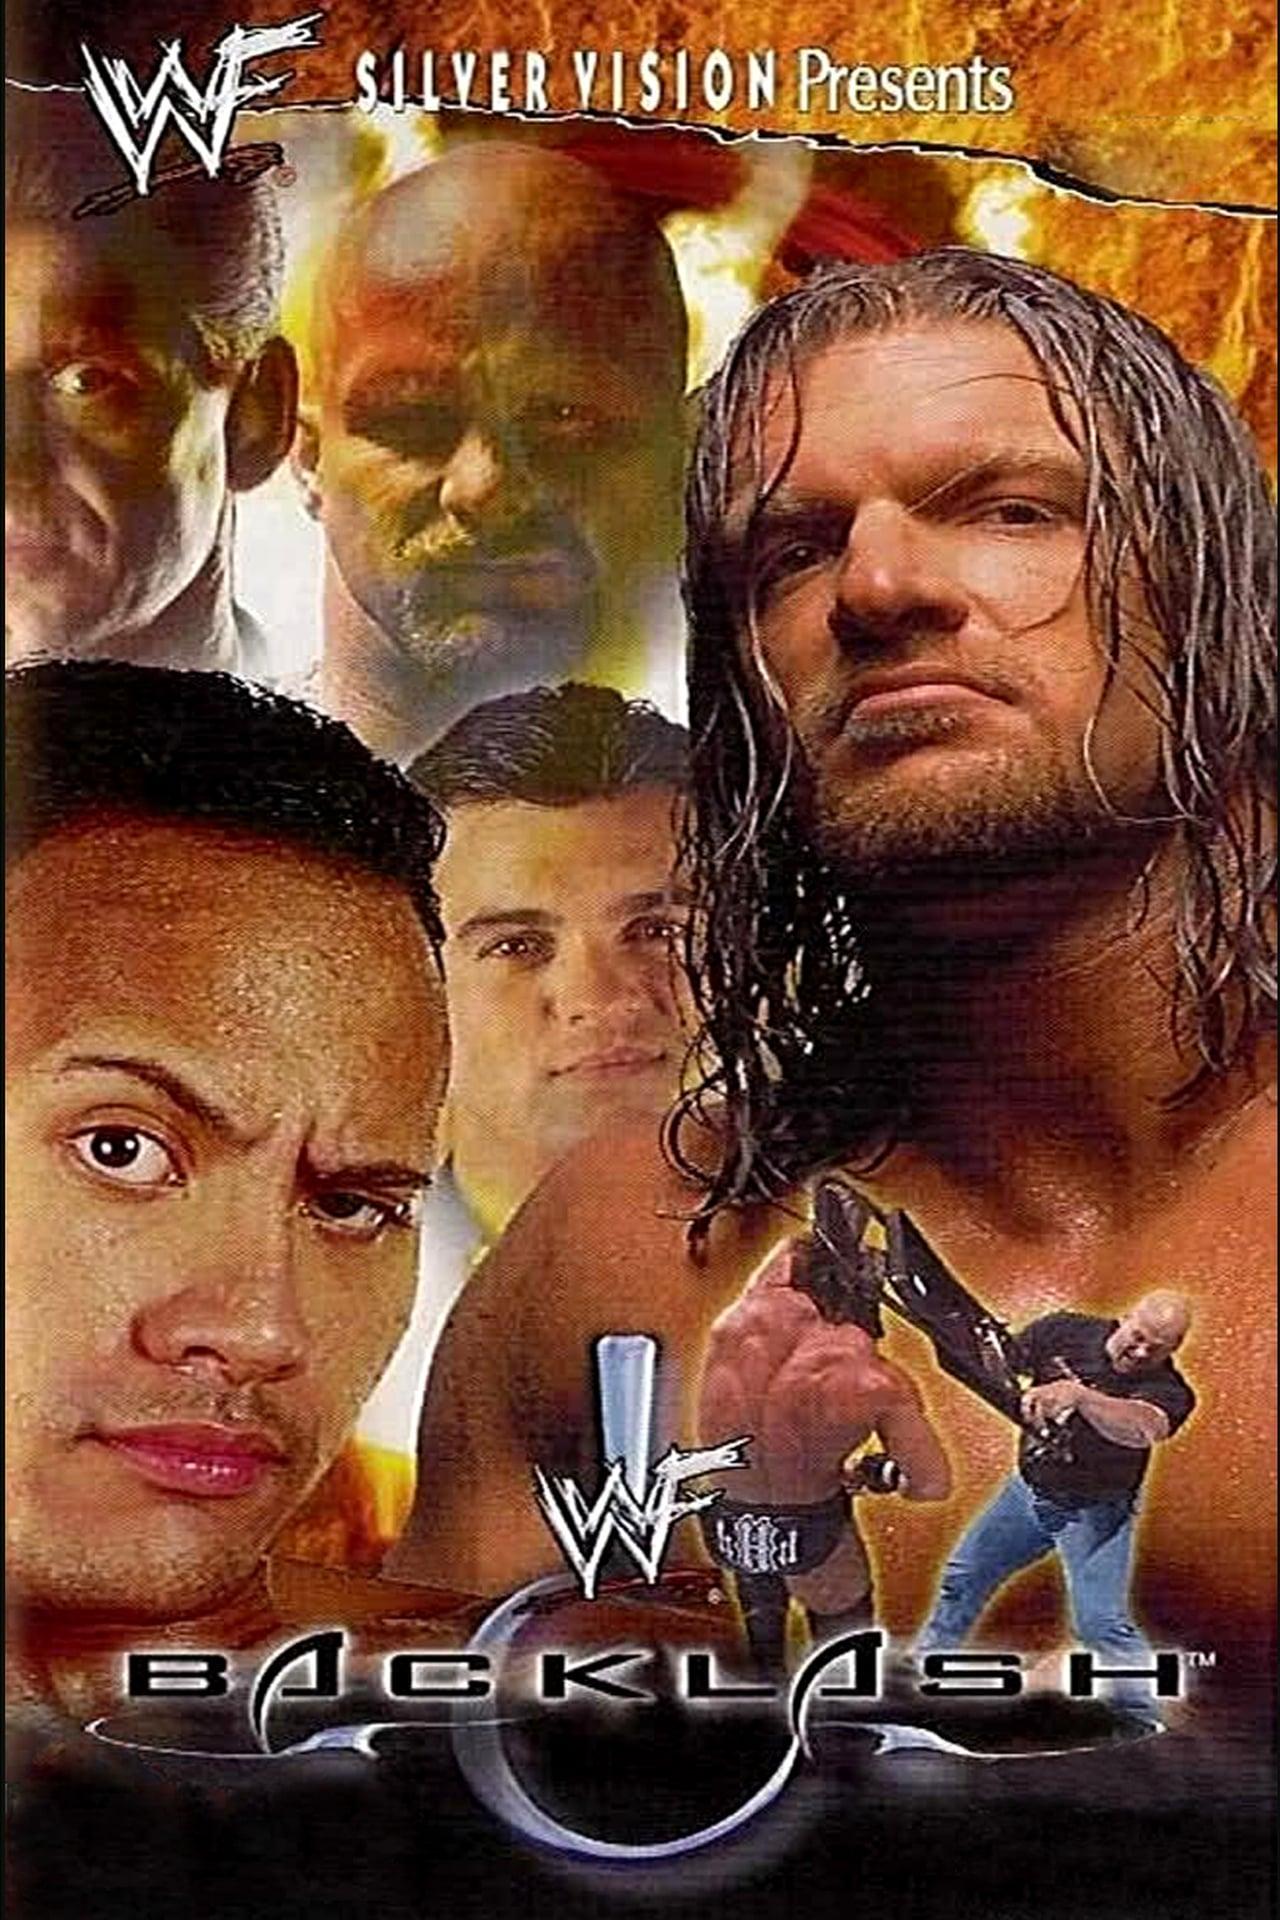 WWE Backlash 2000